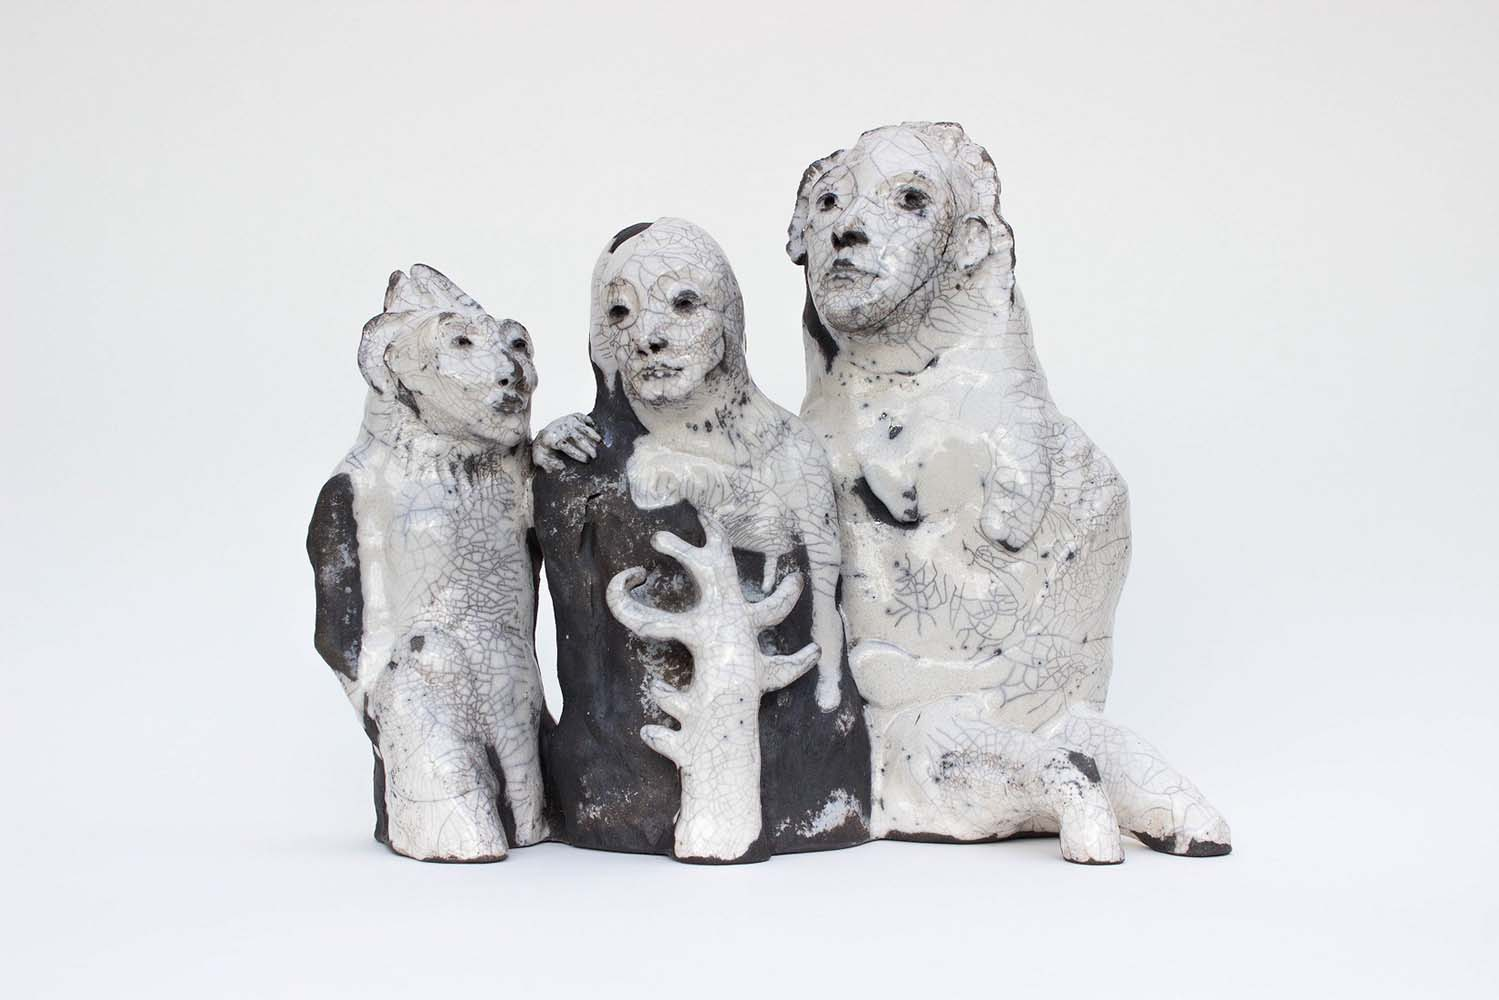 OSMOSE(S), Sculpture #9, 2018 - Céramique raku, 29x35x15cm